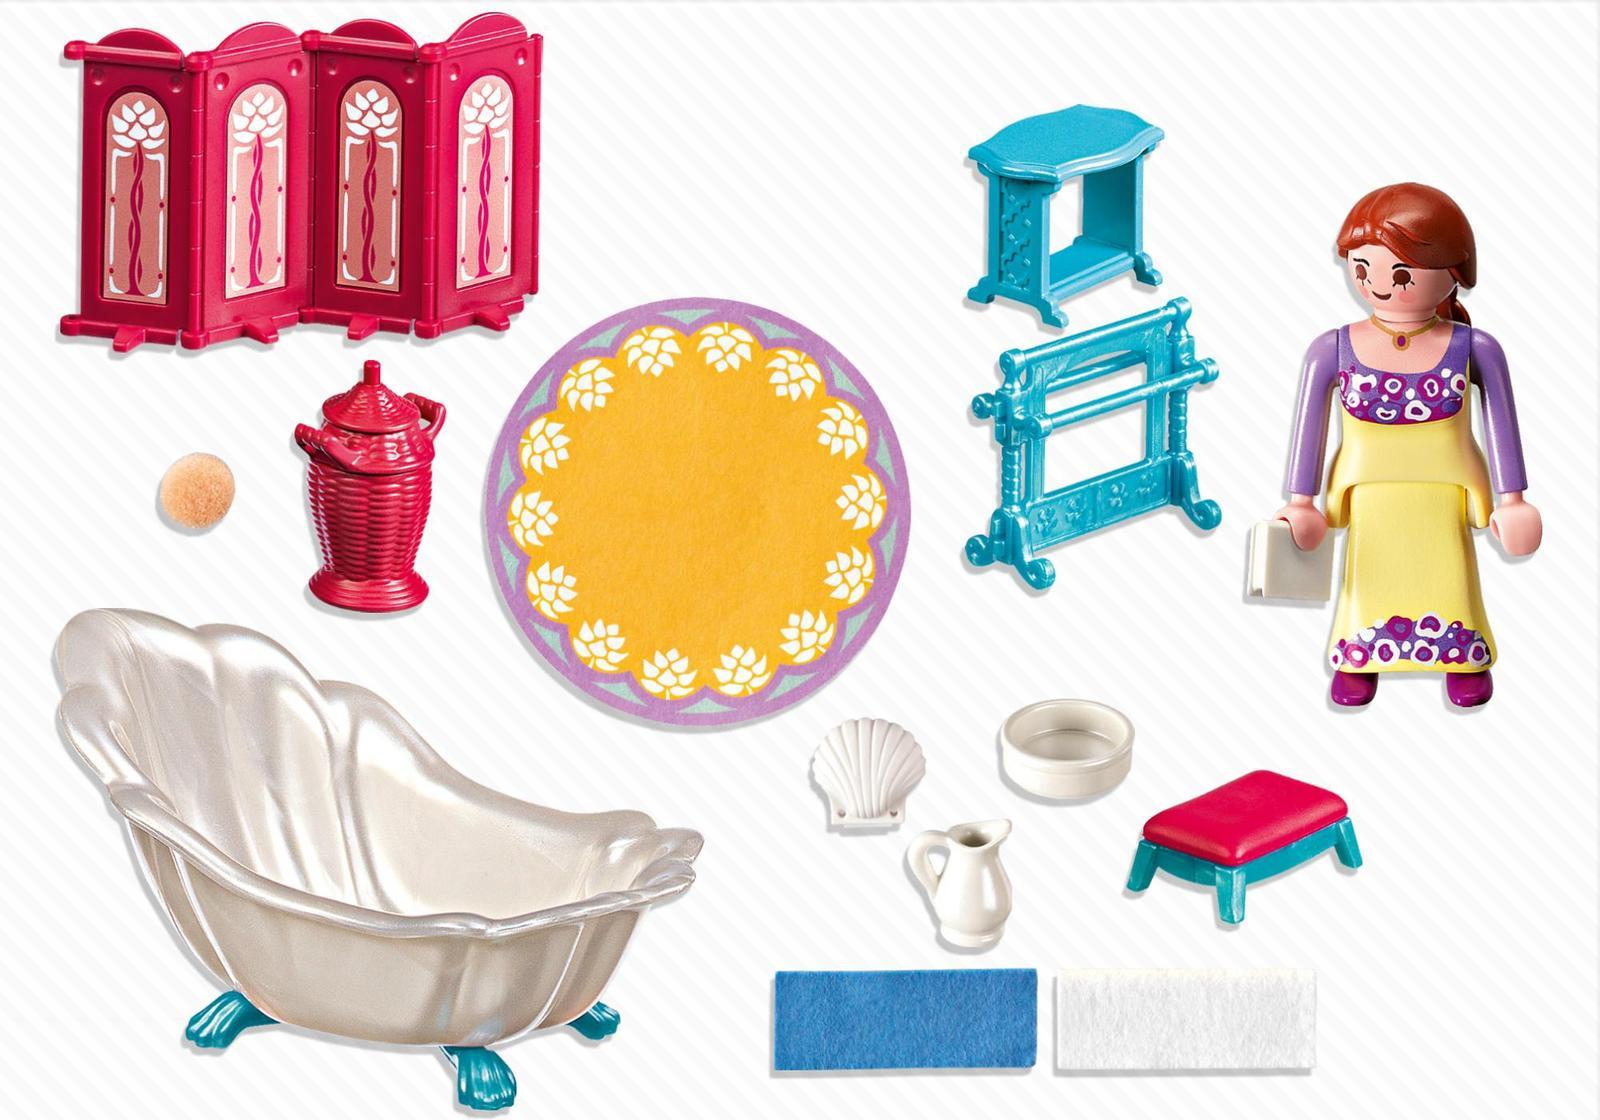 La salle de bain royale Playmobil a des accessoires très intéressants